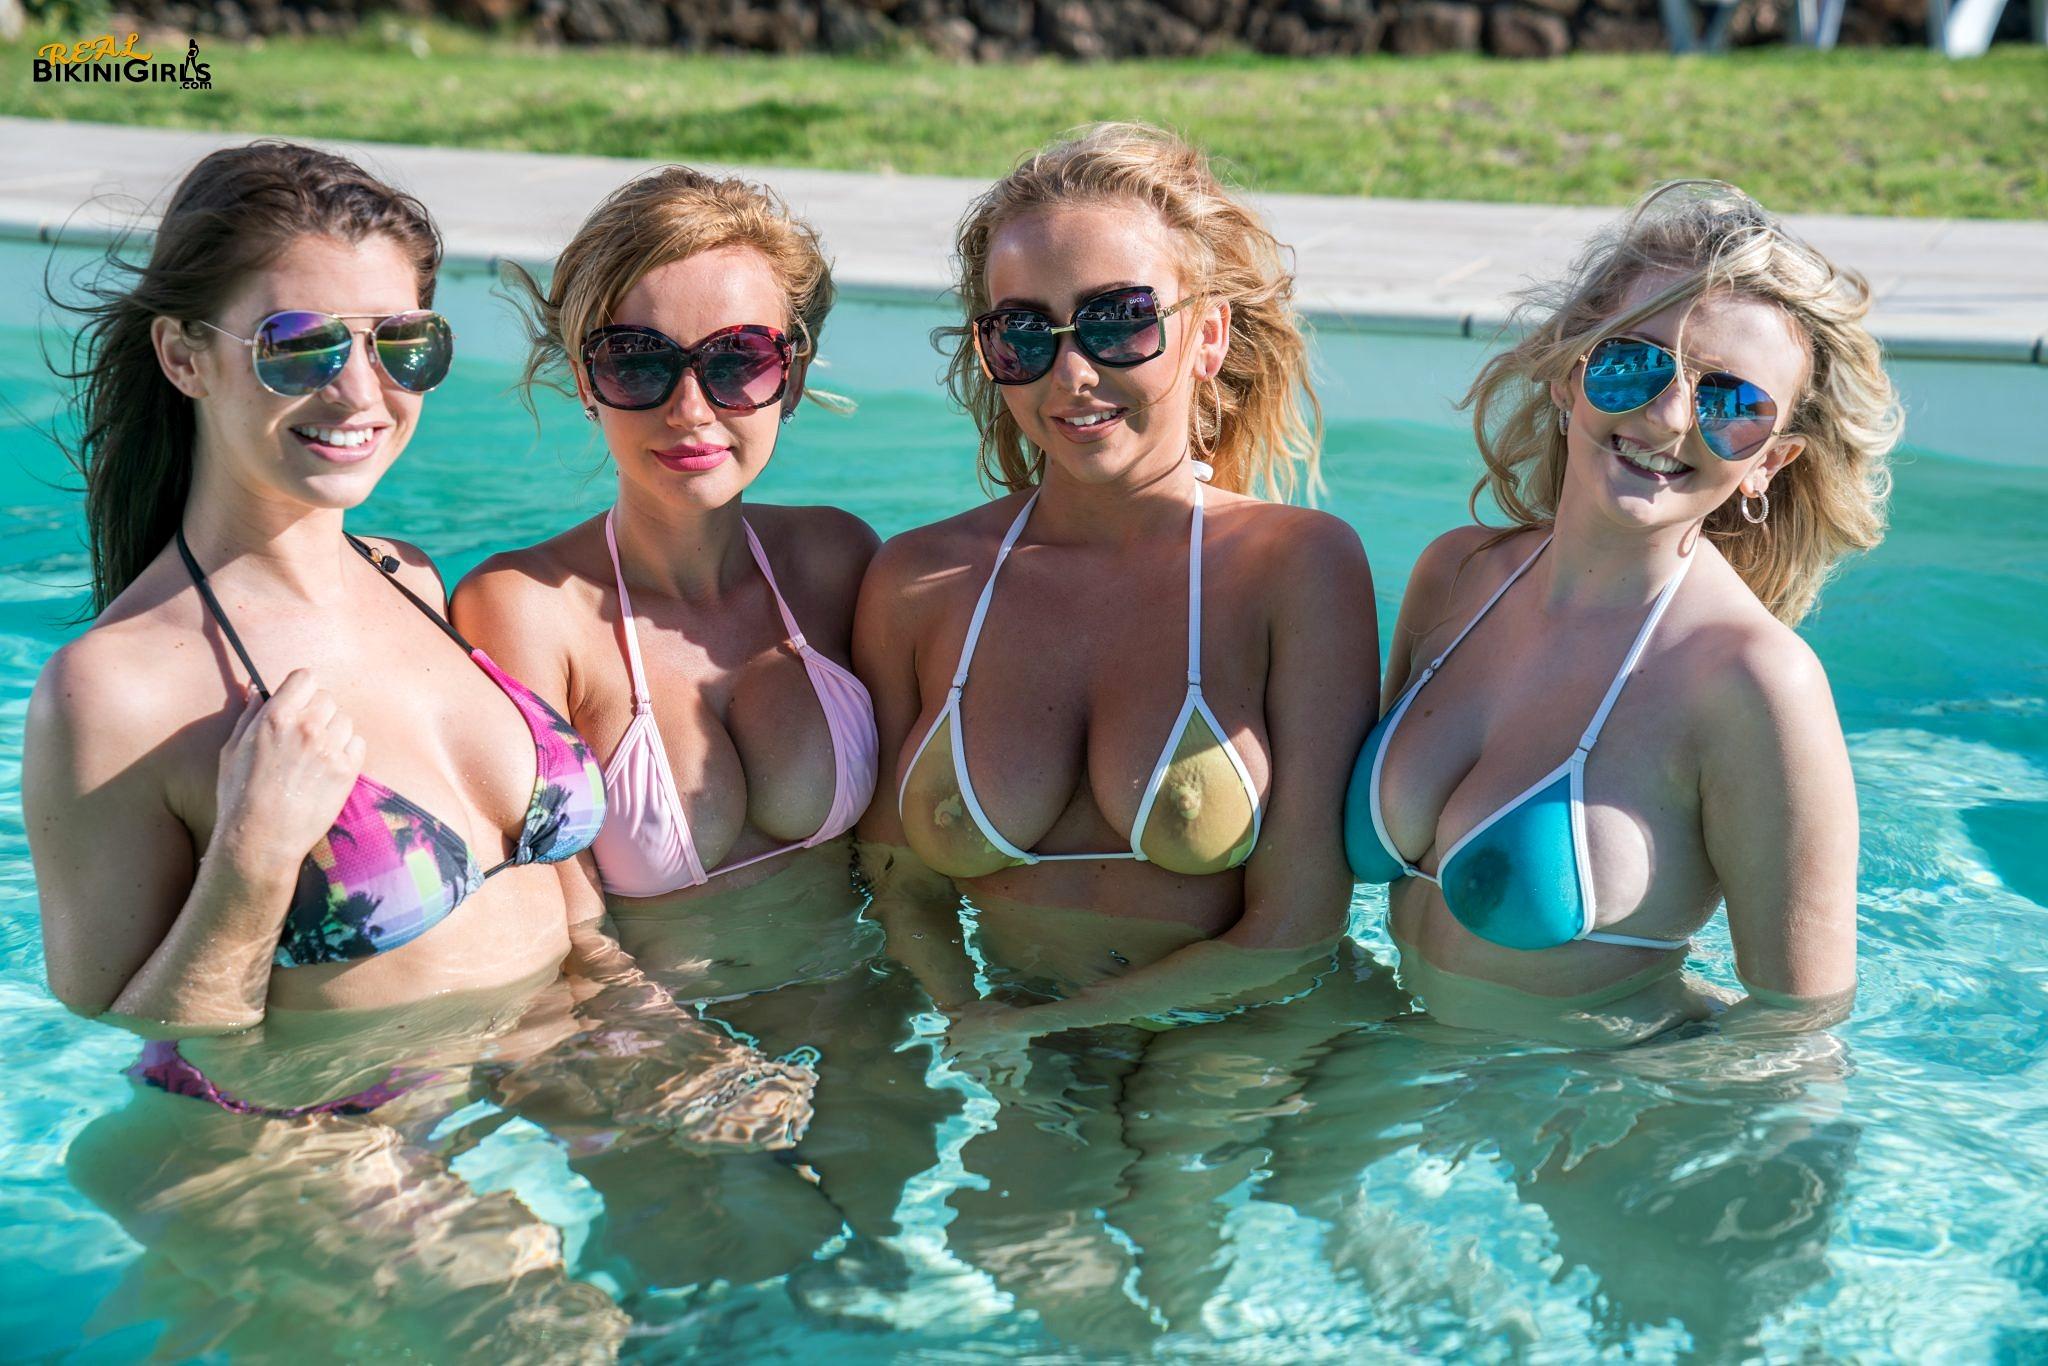 Bikini girls real — pic 2